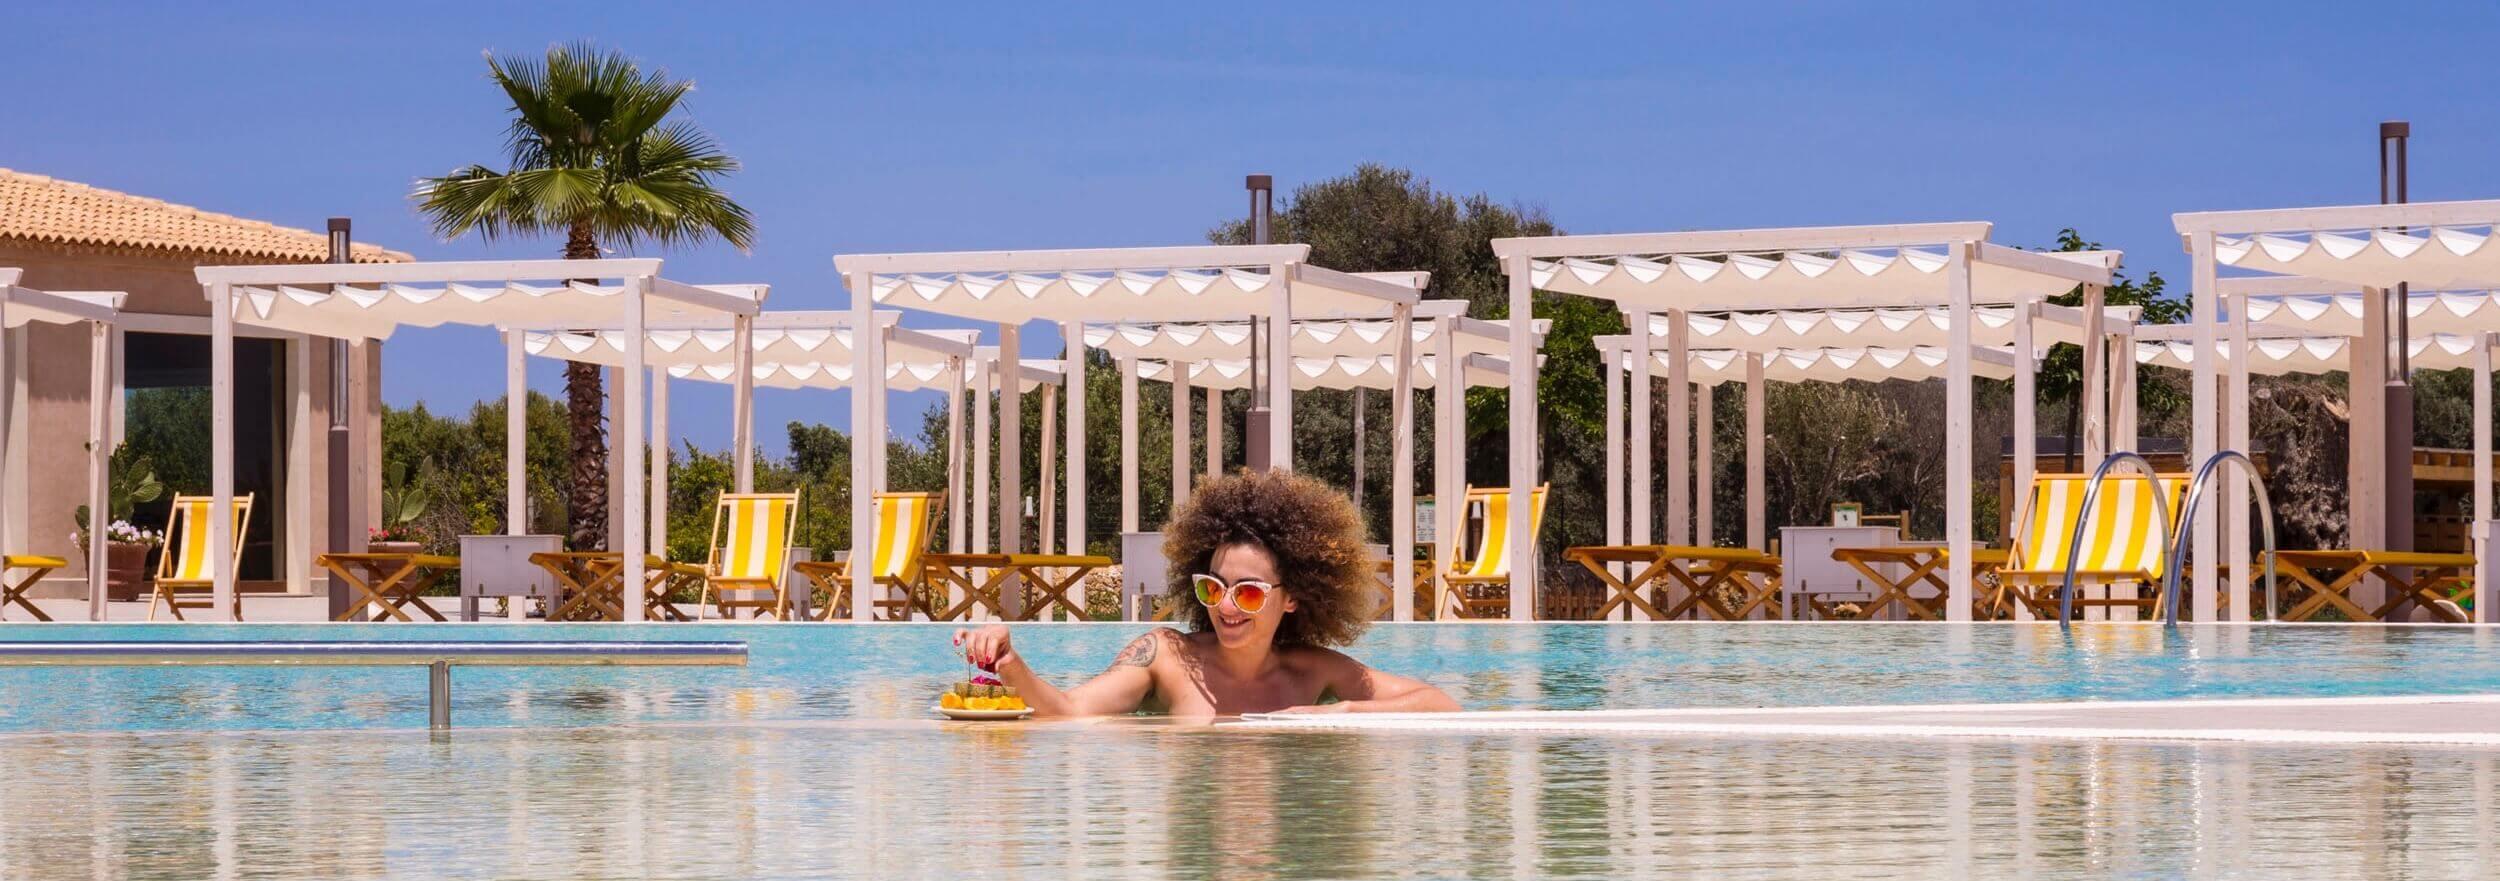 Piscina, solarium, relax, hotel casale milocca siracusa